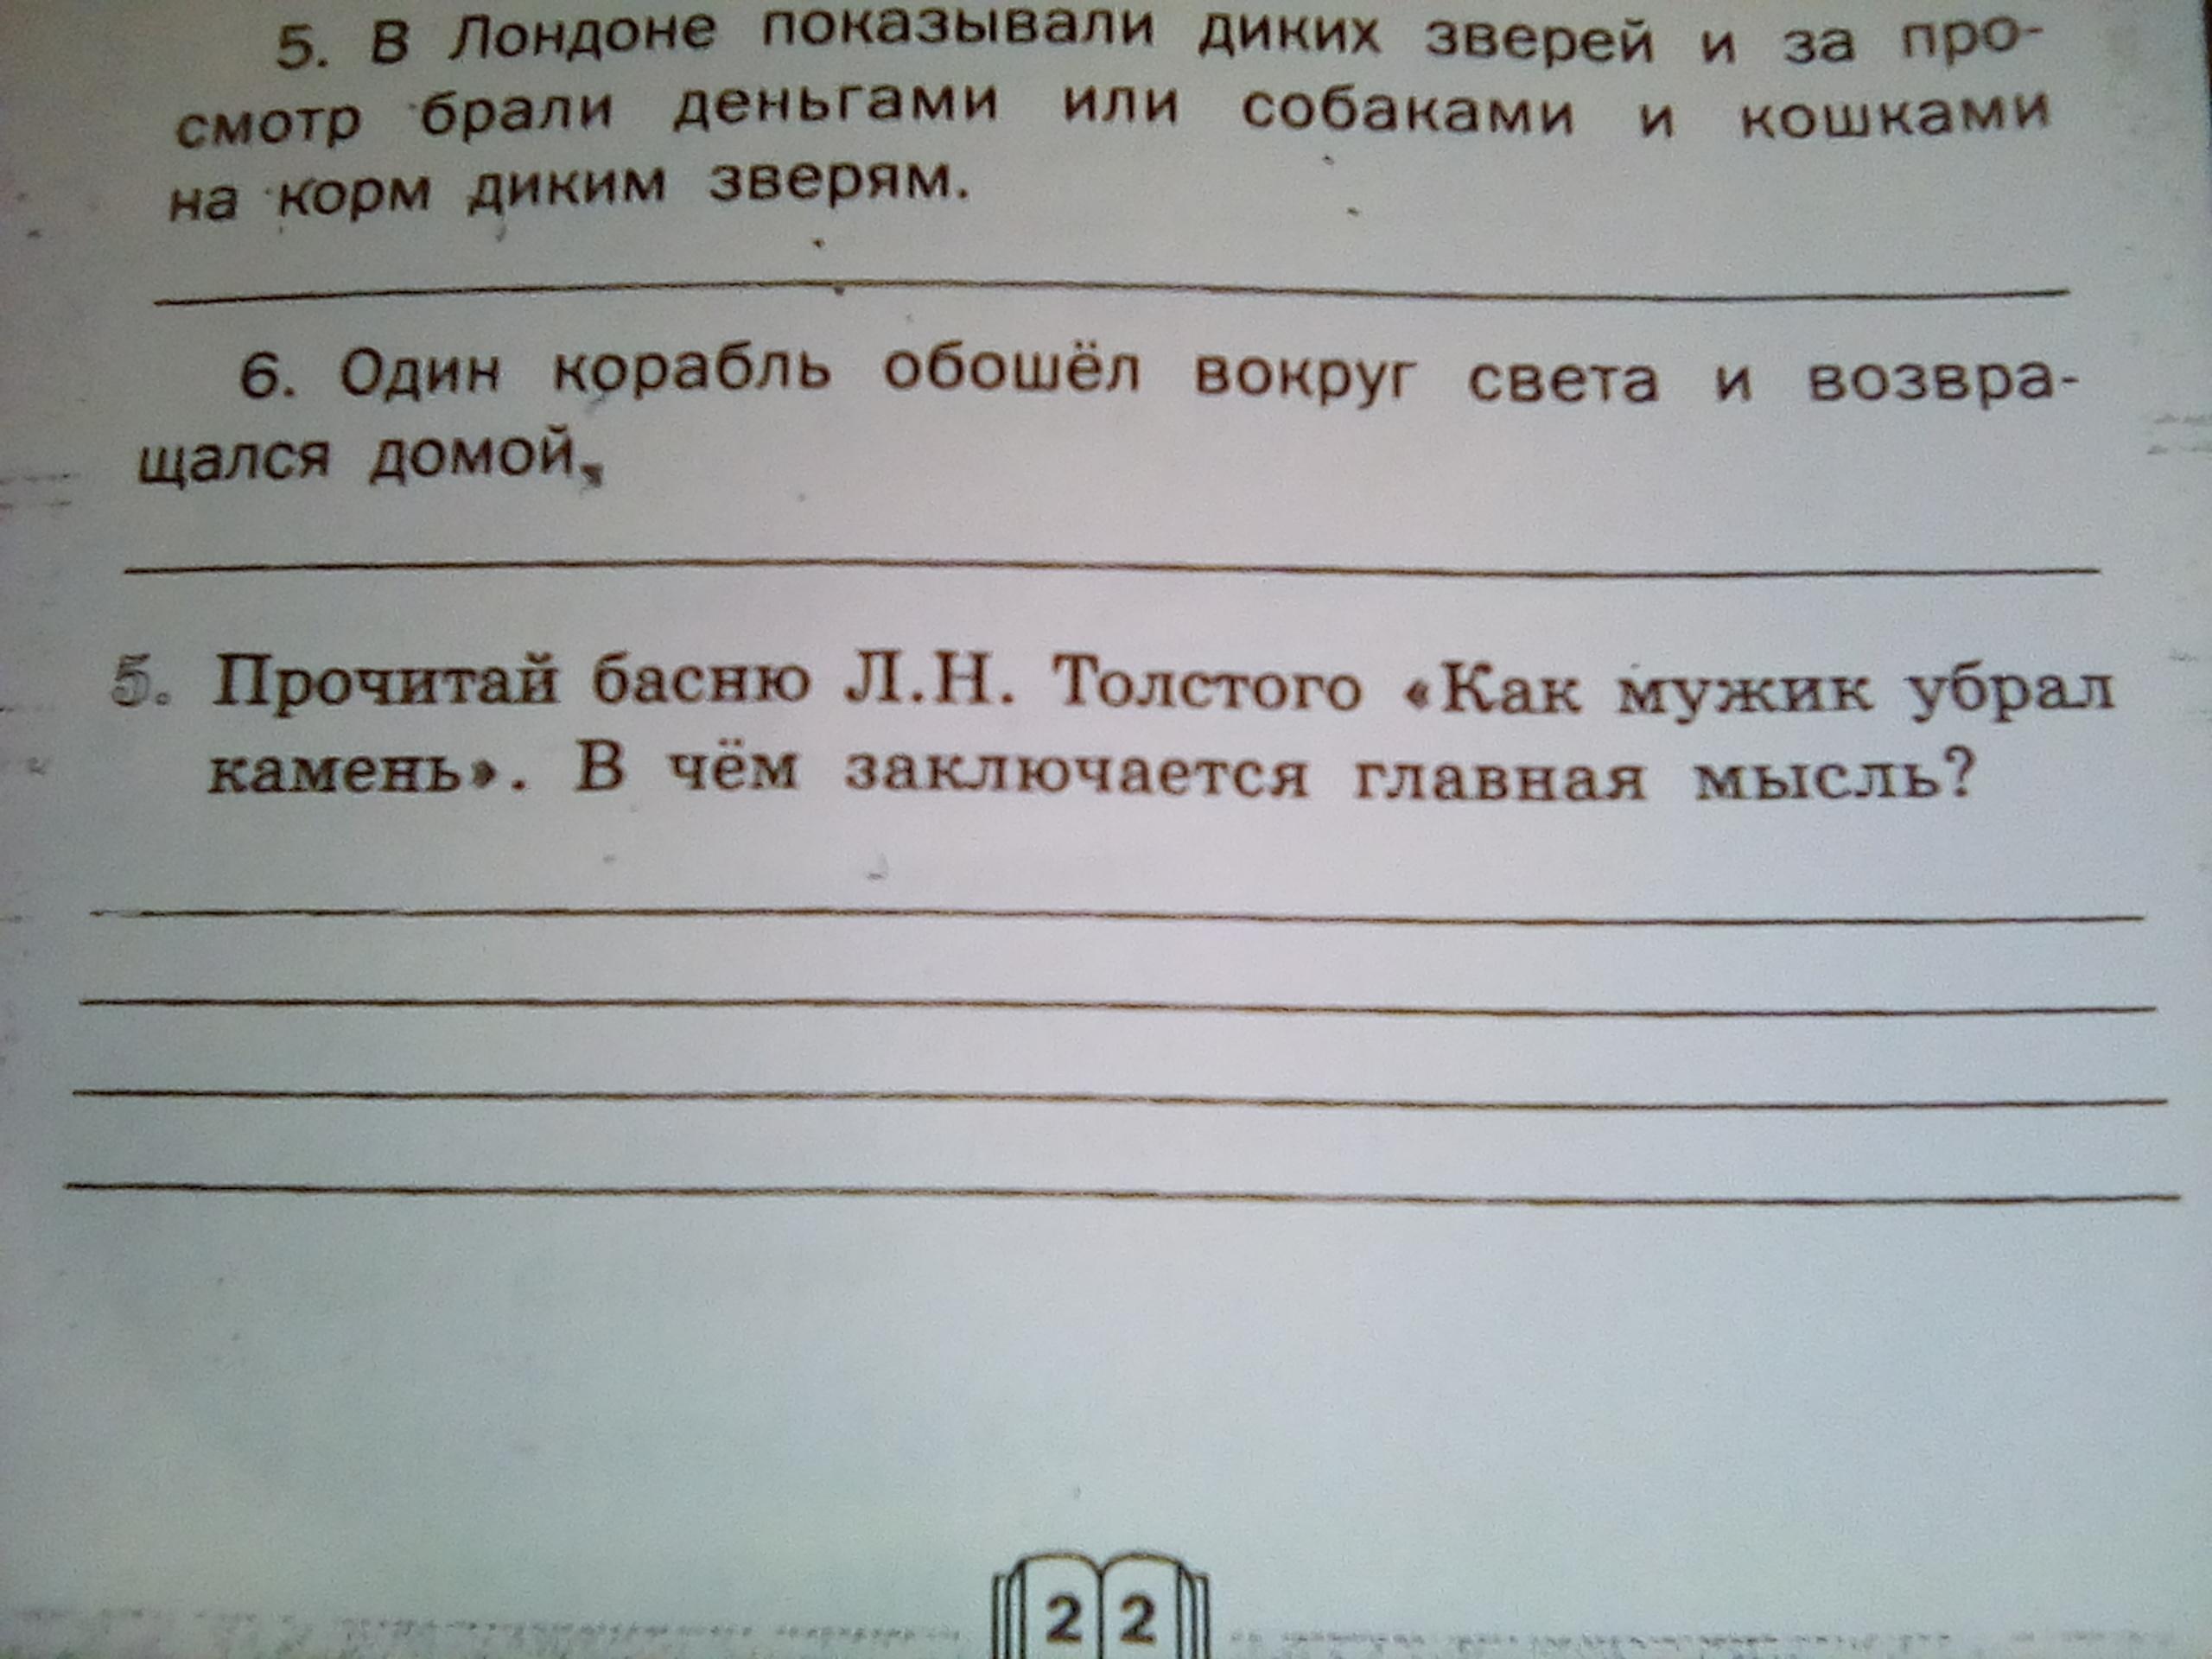 Узнай произведение Лев николаевича Толстого по первым строчкам Напиши названия